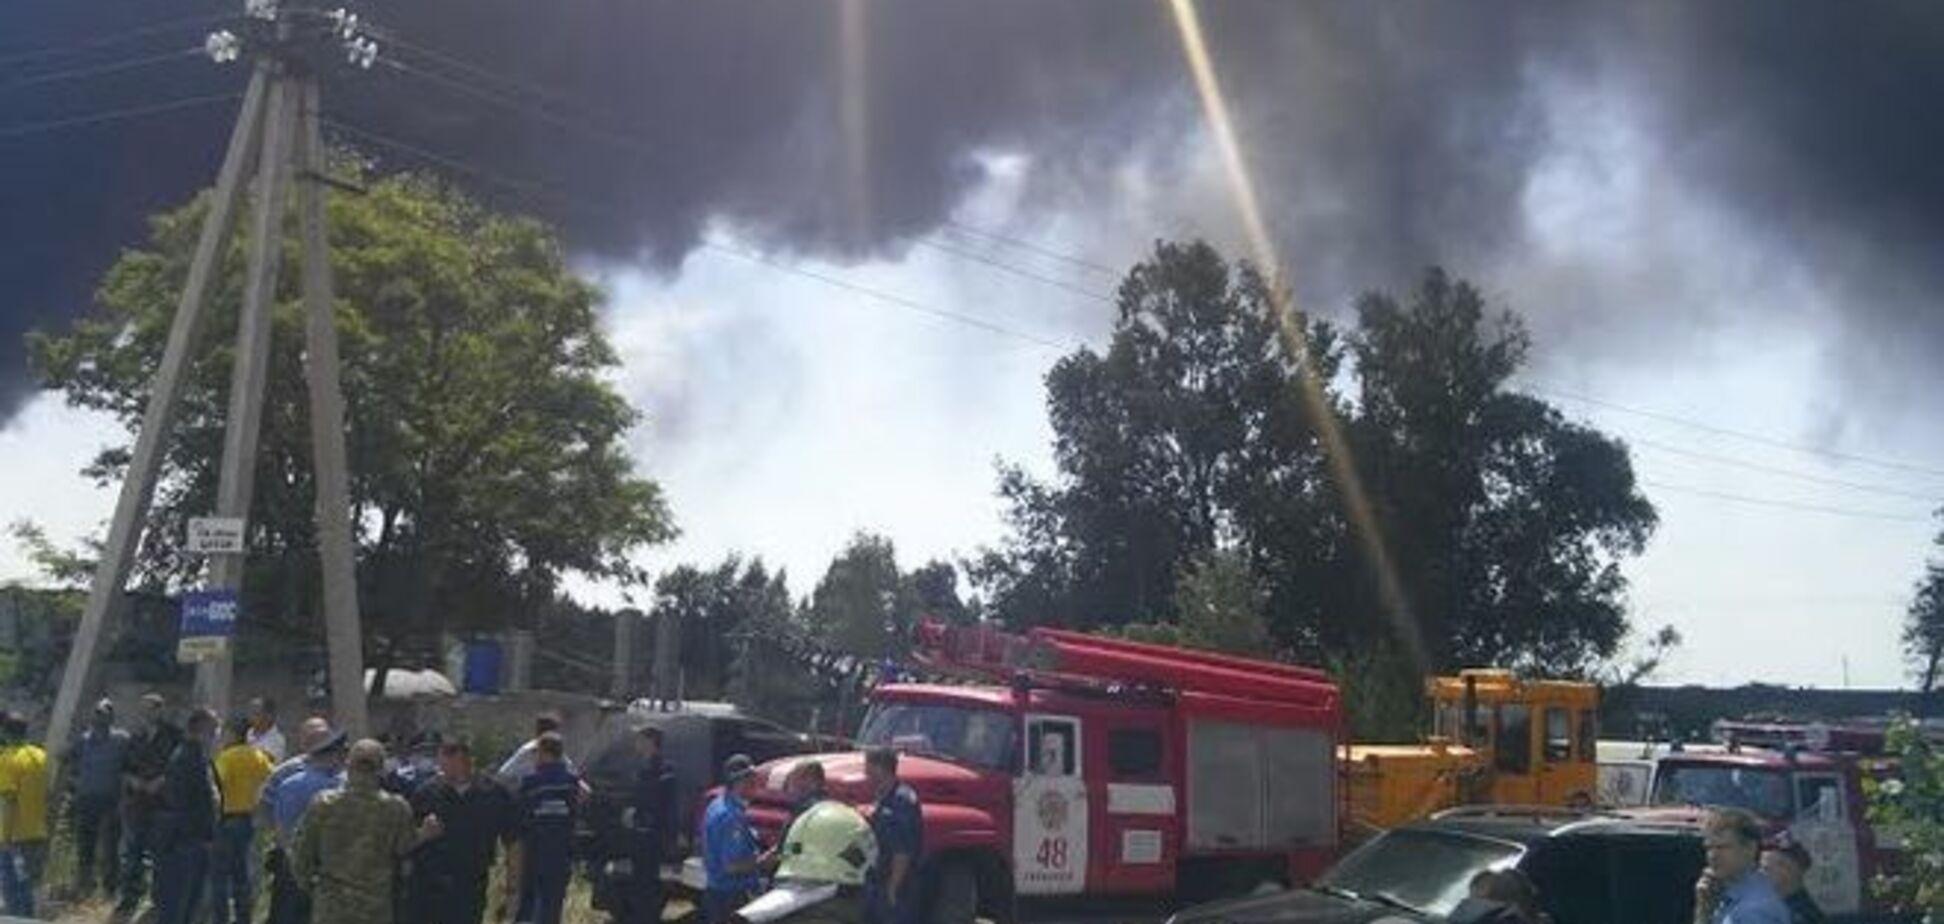 МВД официально обвинило компанию 'БРСМ-нафту' в пожаре на нефтебазе в Василькове